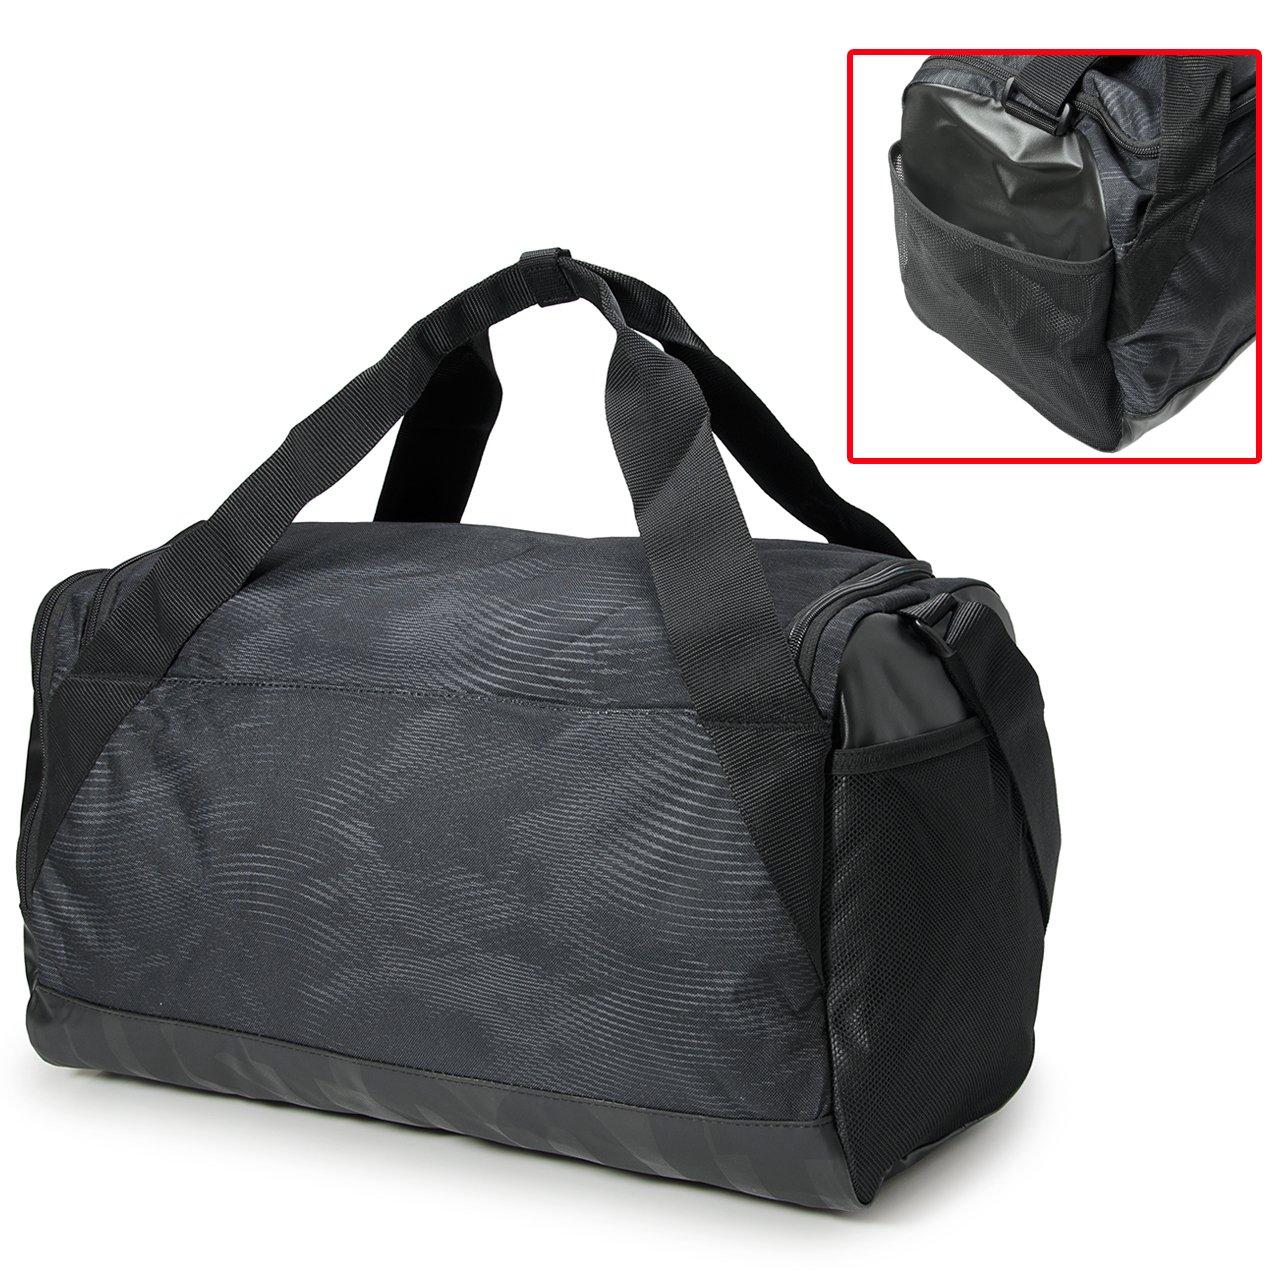 4609e8d3e592 NIKE Brasilia (Small) Graphic Training Duffel Bag  Amazon.ca  Sports    Outdoors